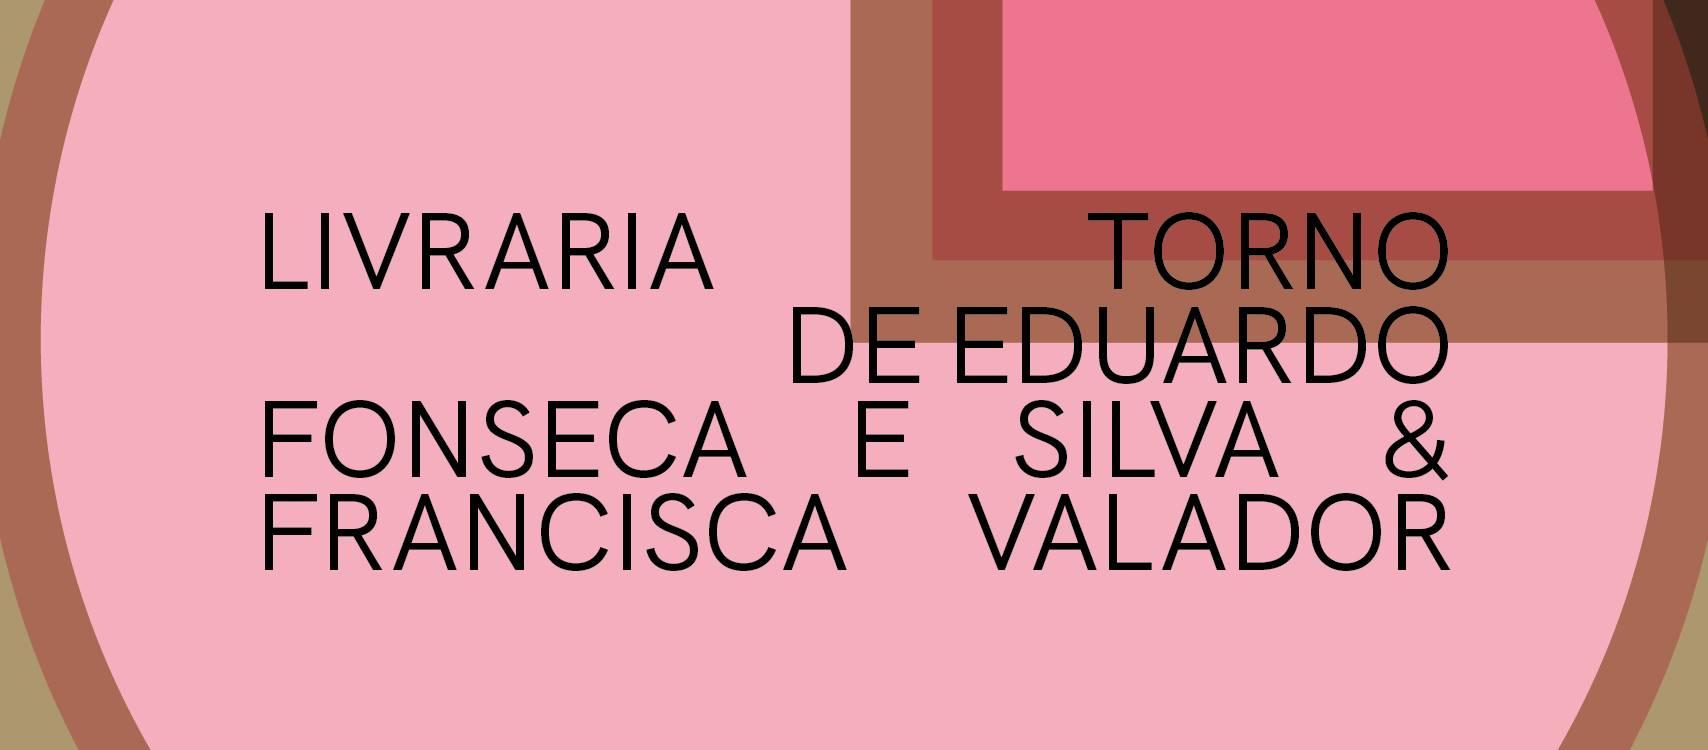 Torno  ⟡ Exposição de Eduardo Fonseca e Silva & Francisca Valador ⟡ ZDB